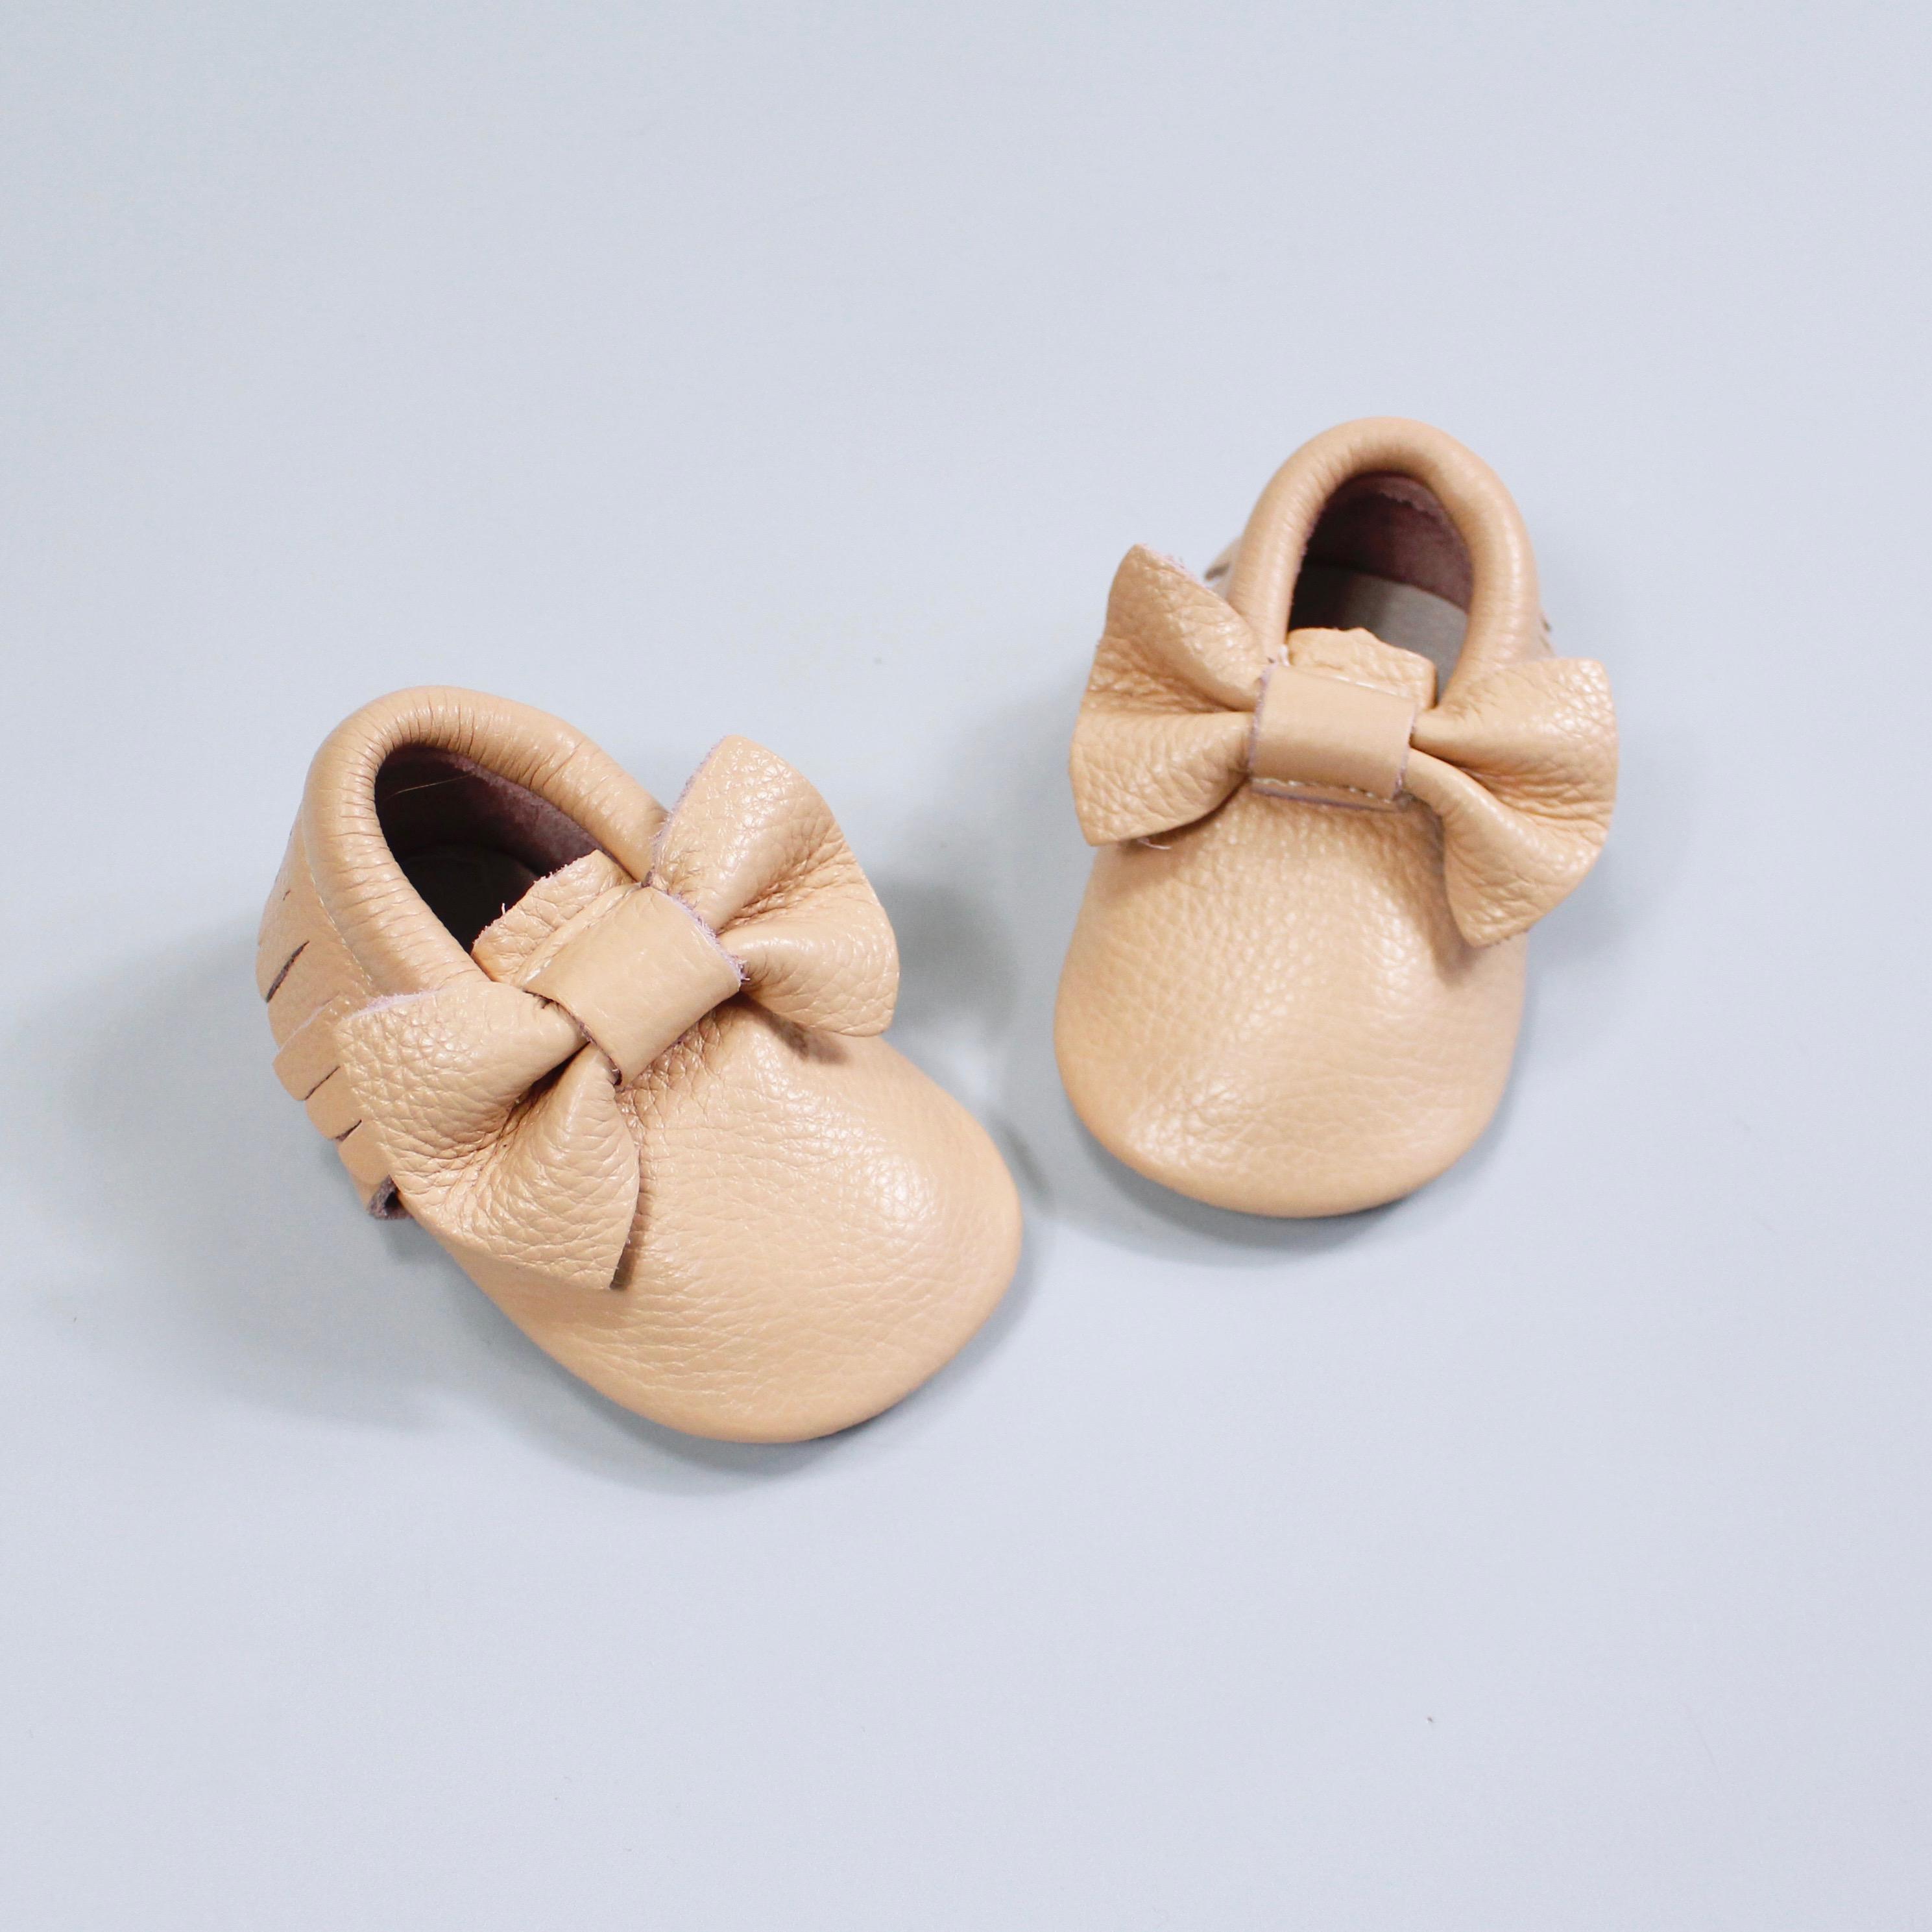 chausson en cuir pour nouveau né